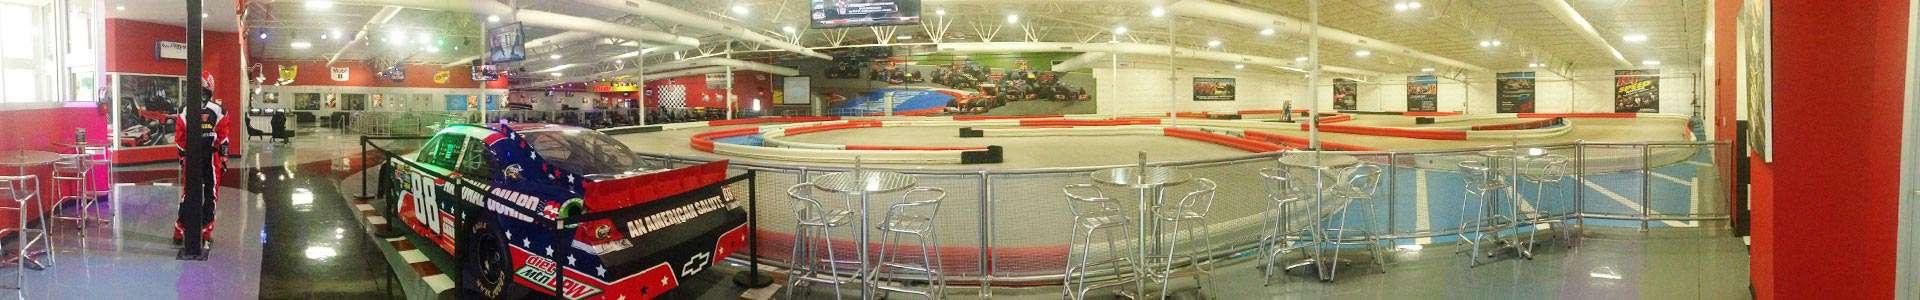 K1 Speed Indoor Go Kart Racing Dallas